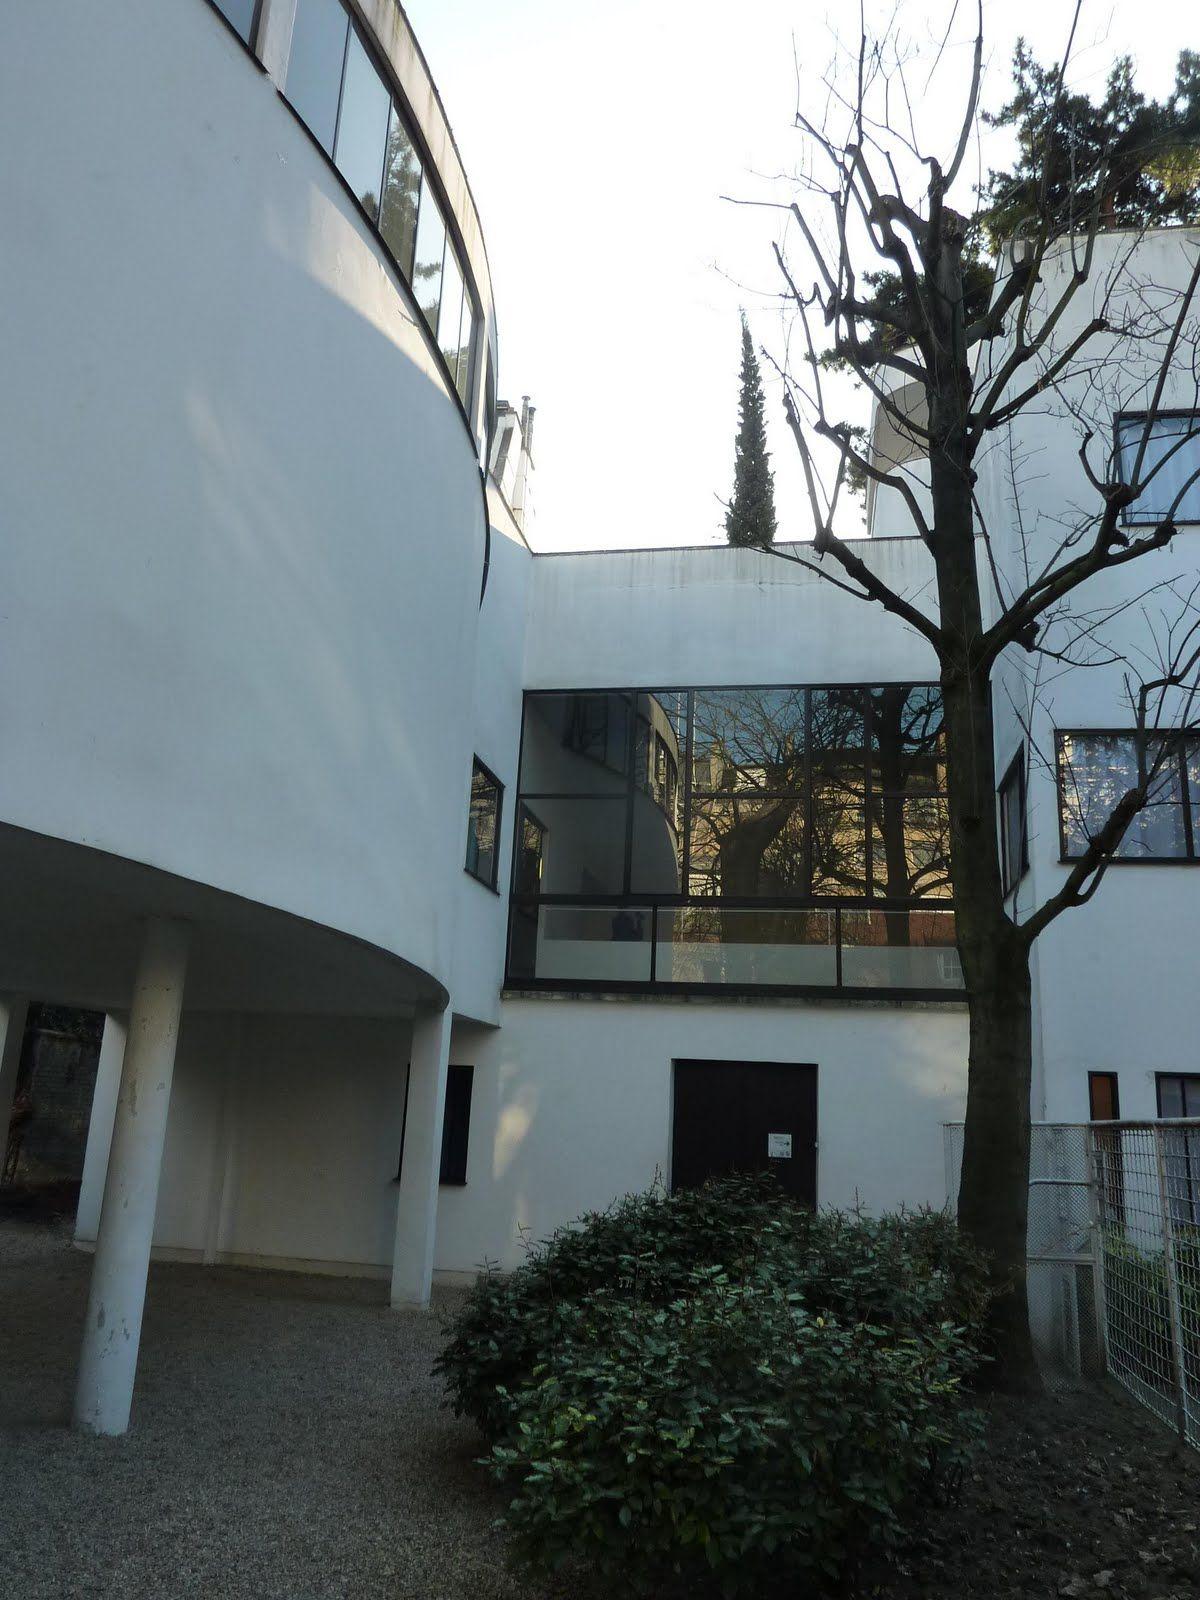 Maison La Roche Corbusier Paris arquitectura racionalista | le corbusier, architecture